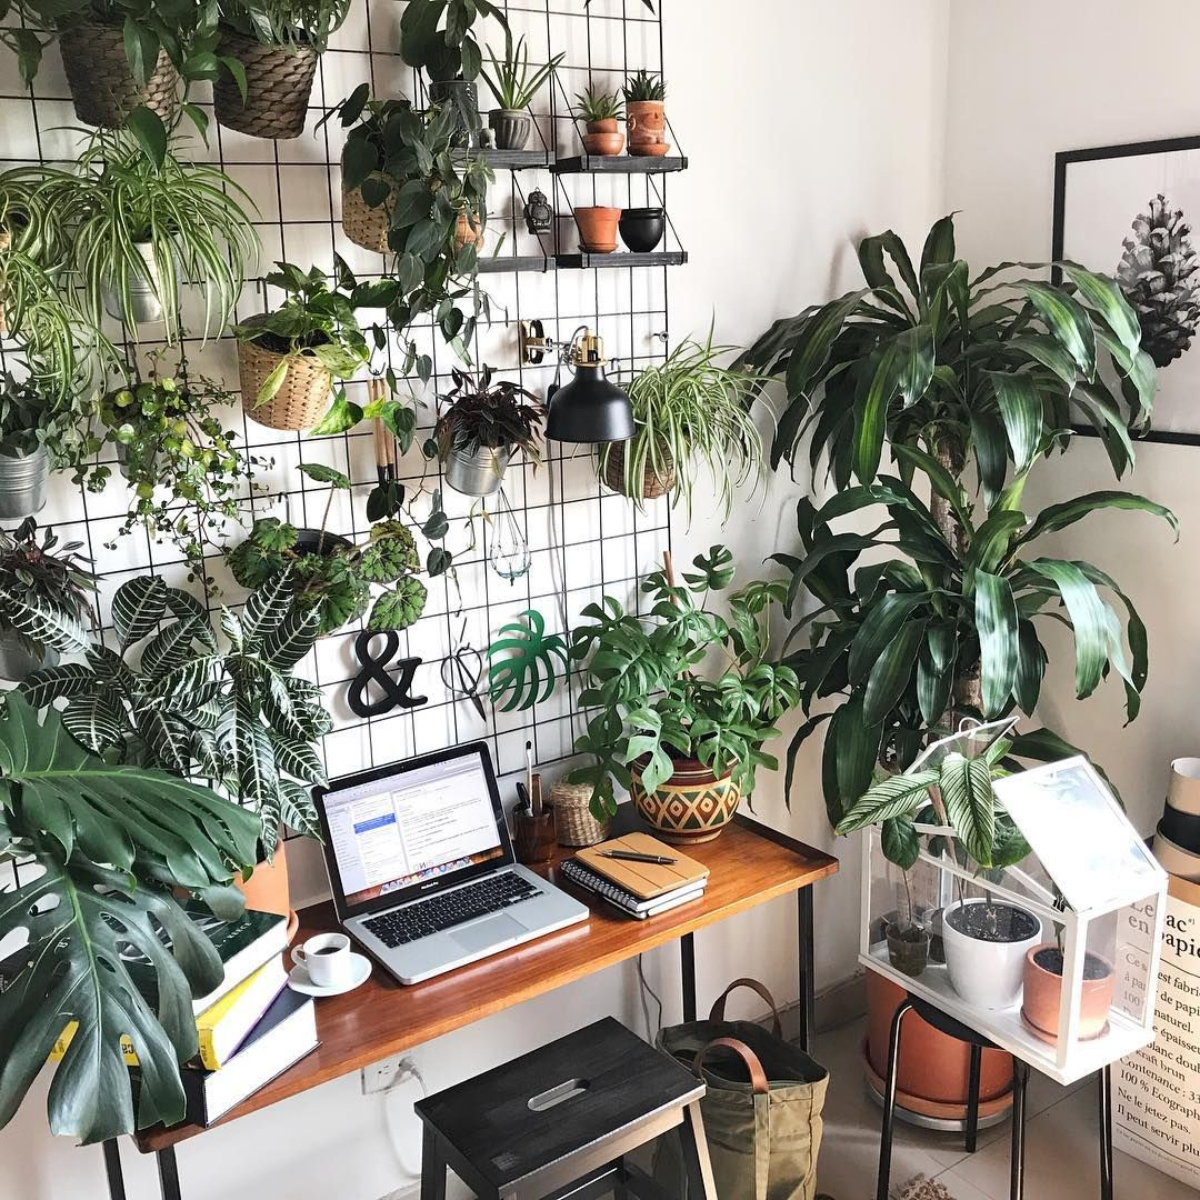 szobanövények, stressz, szorongás, teljesítmény, lakberendezés, levegőtisztító